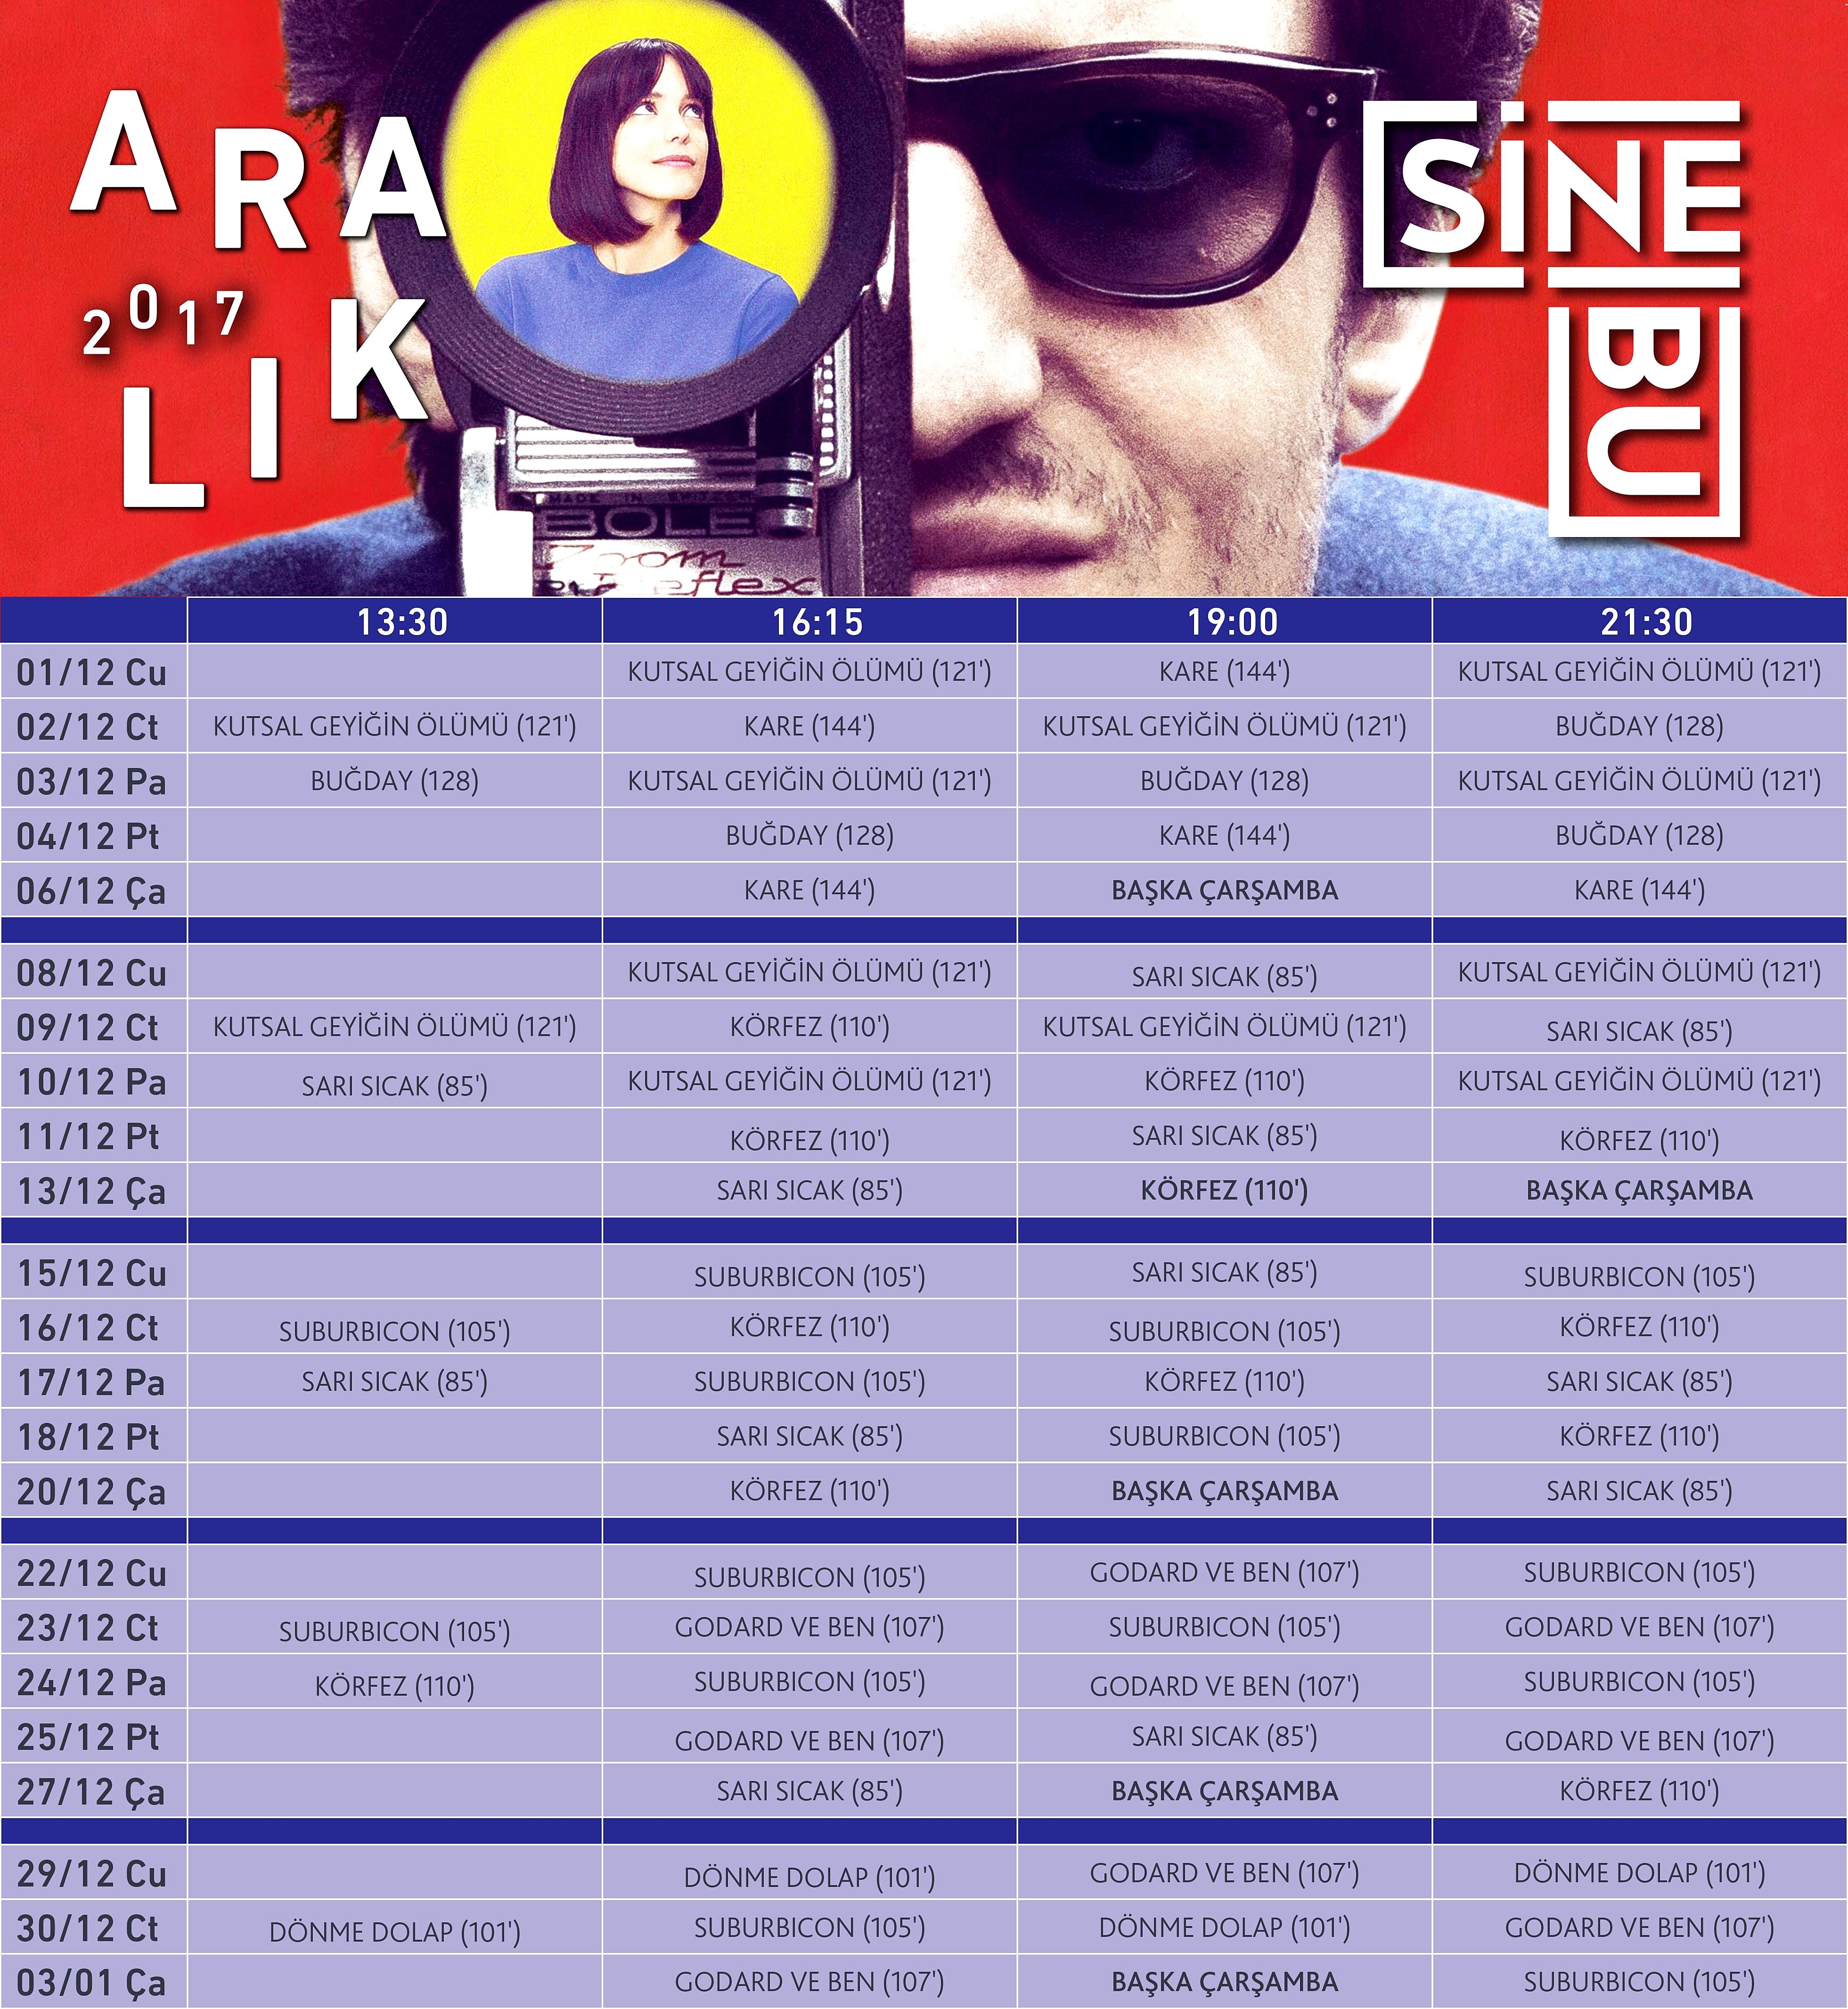 Boğaziçi Üniversitesi'nin sinema salonu SineBU'da Aralık ayında Türkiye sinemasından üç, dünya sinemasından beş film ile gösterimlerine hız kesmeden devam ediyor.